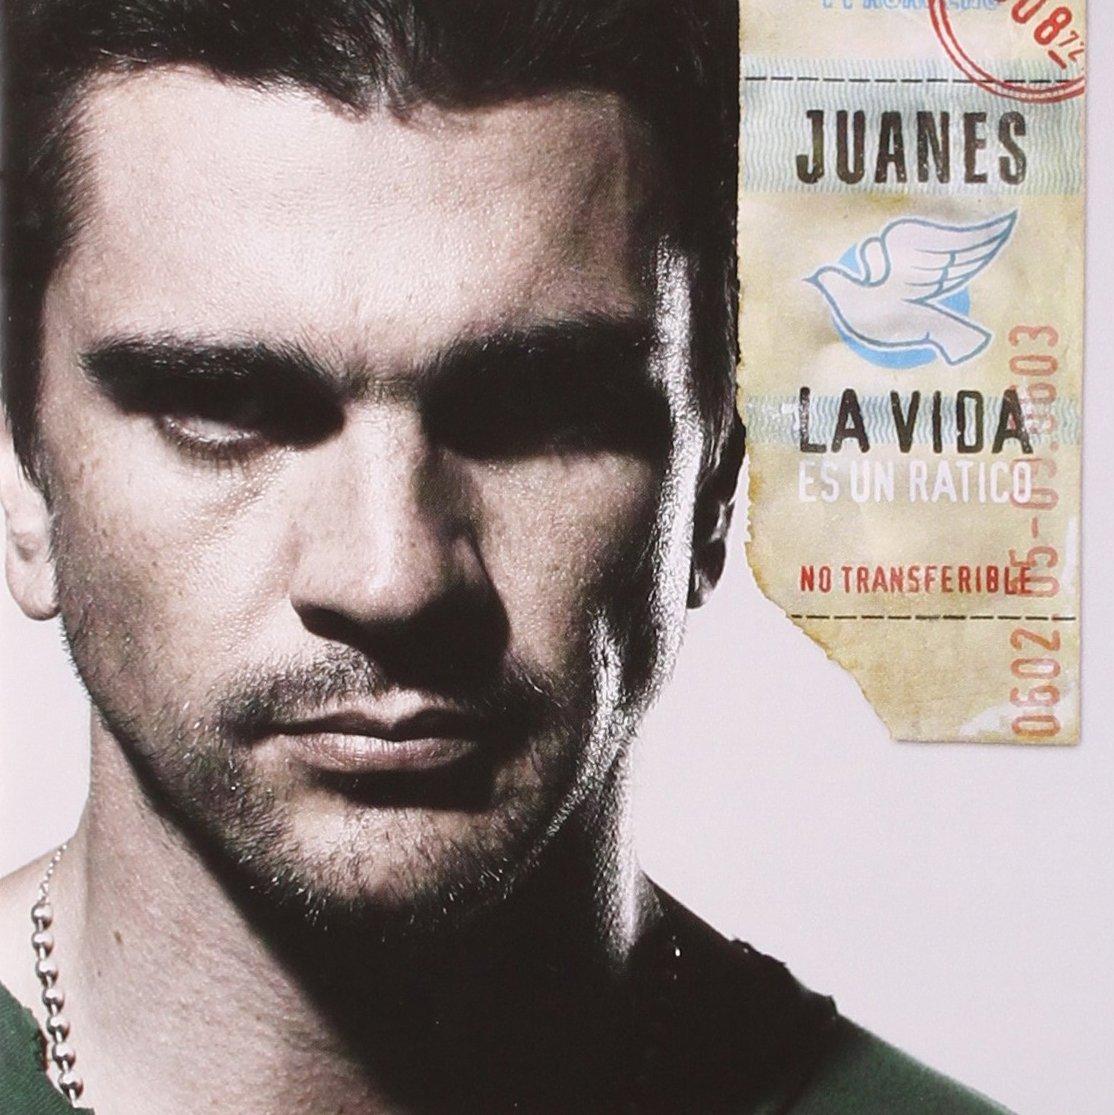 Juanes Juanes. La Vida Es Un Ratico